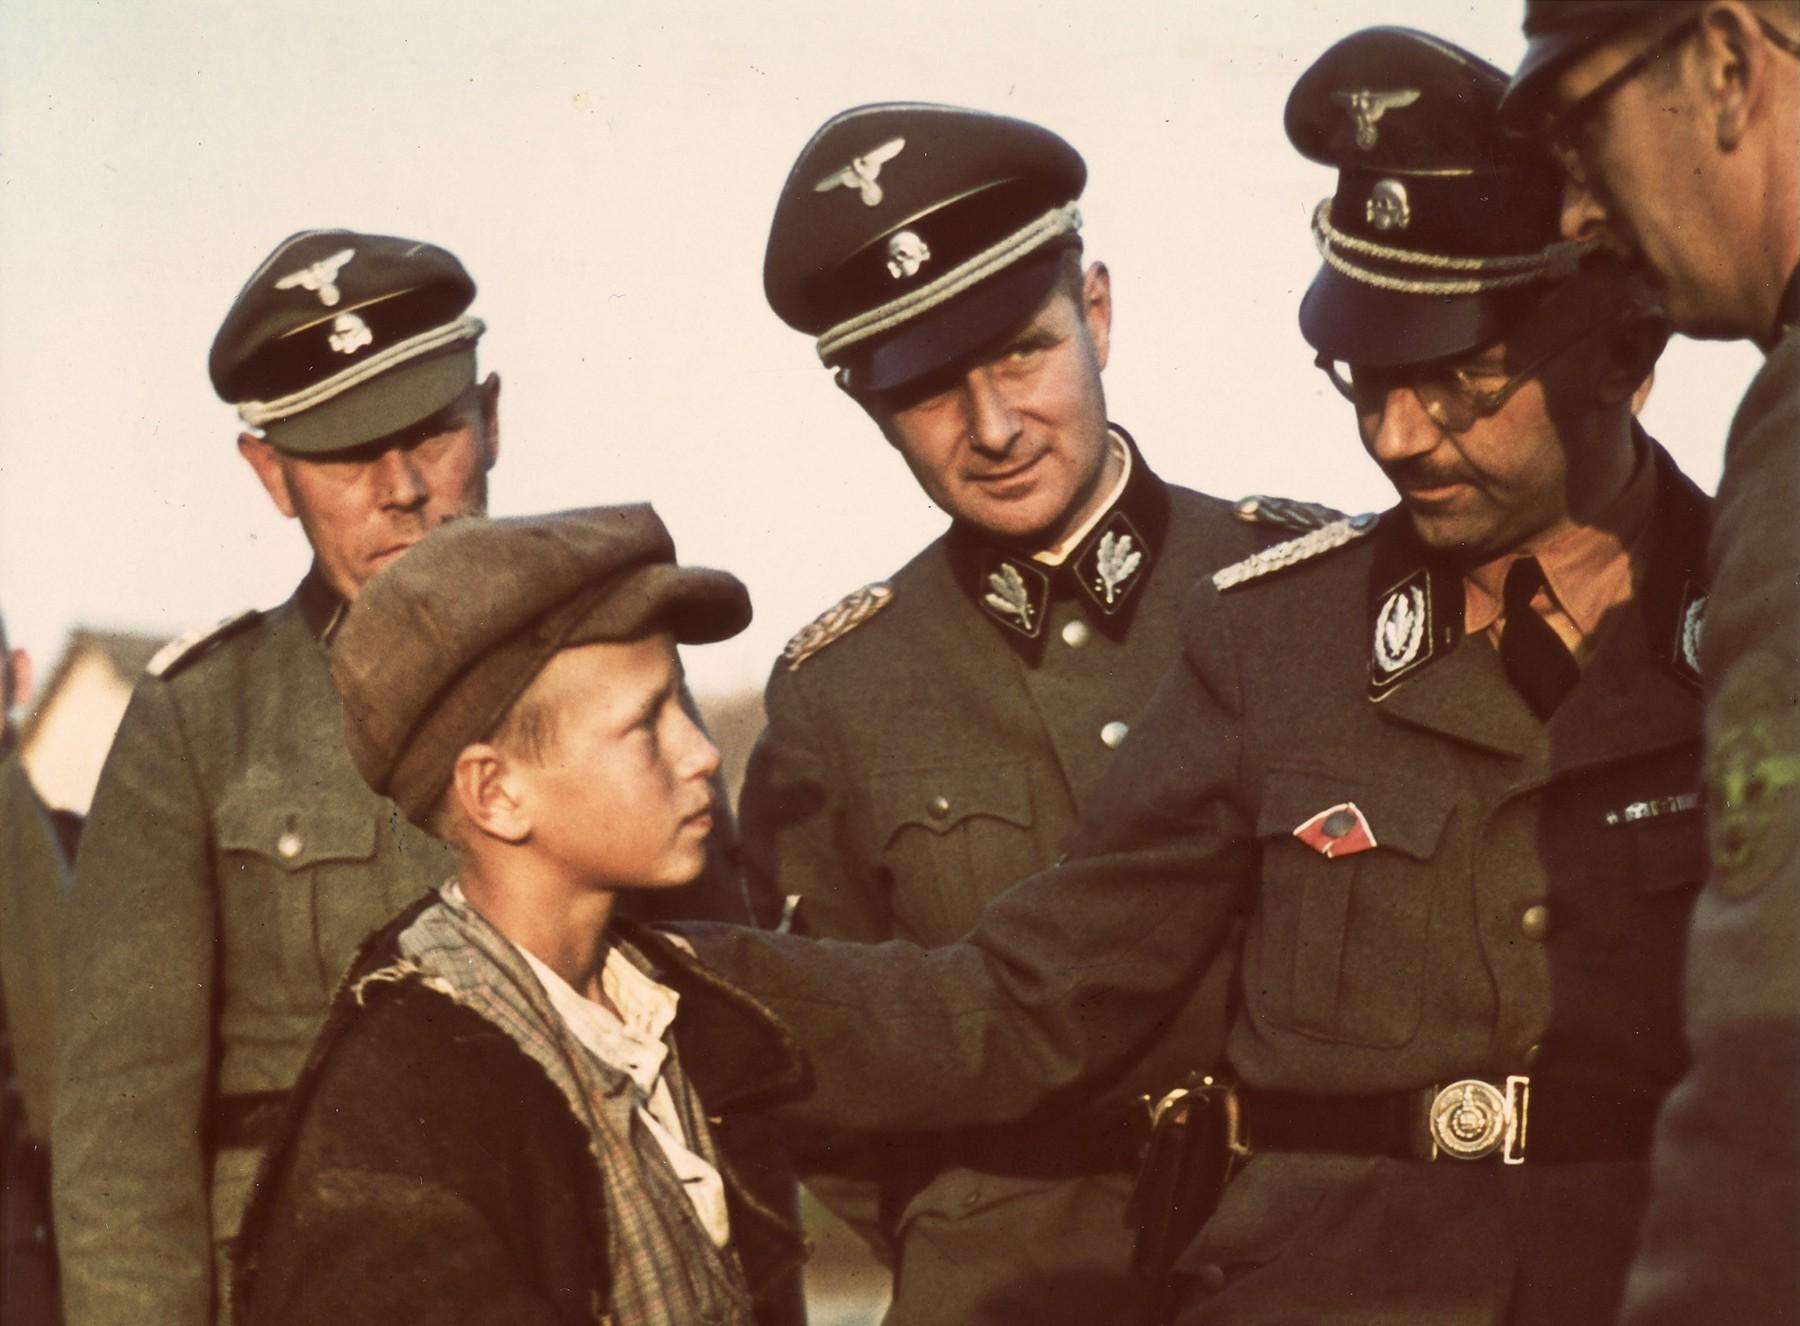 1941. Рейхсфюрер СС Генрих Гиммлер разговаривает с мальчиком из местных жителей во время инспекционной поездки по Белоруссии.  Этот и еще один мальчик были отправлены в детский дом в Германию